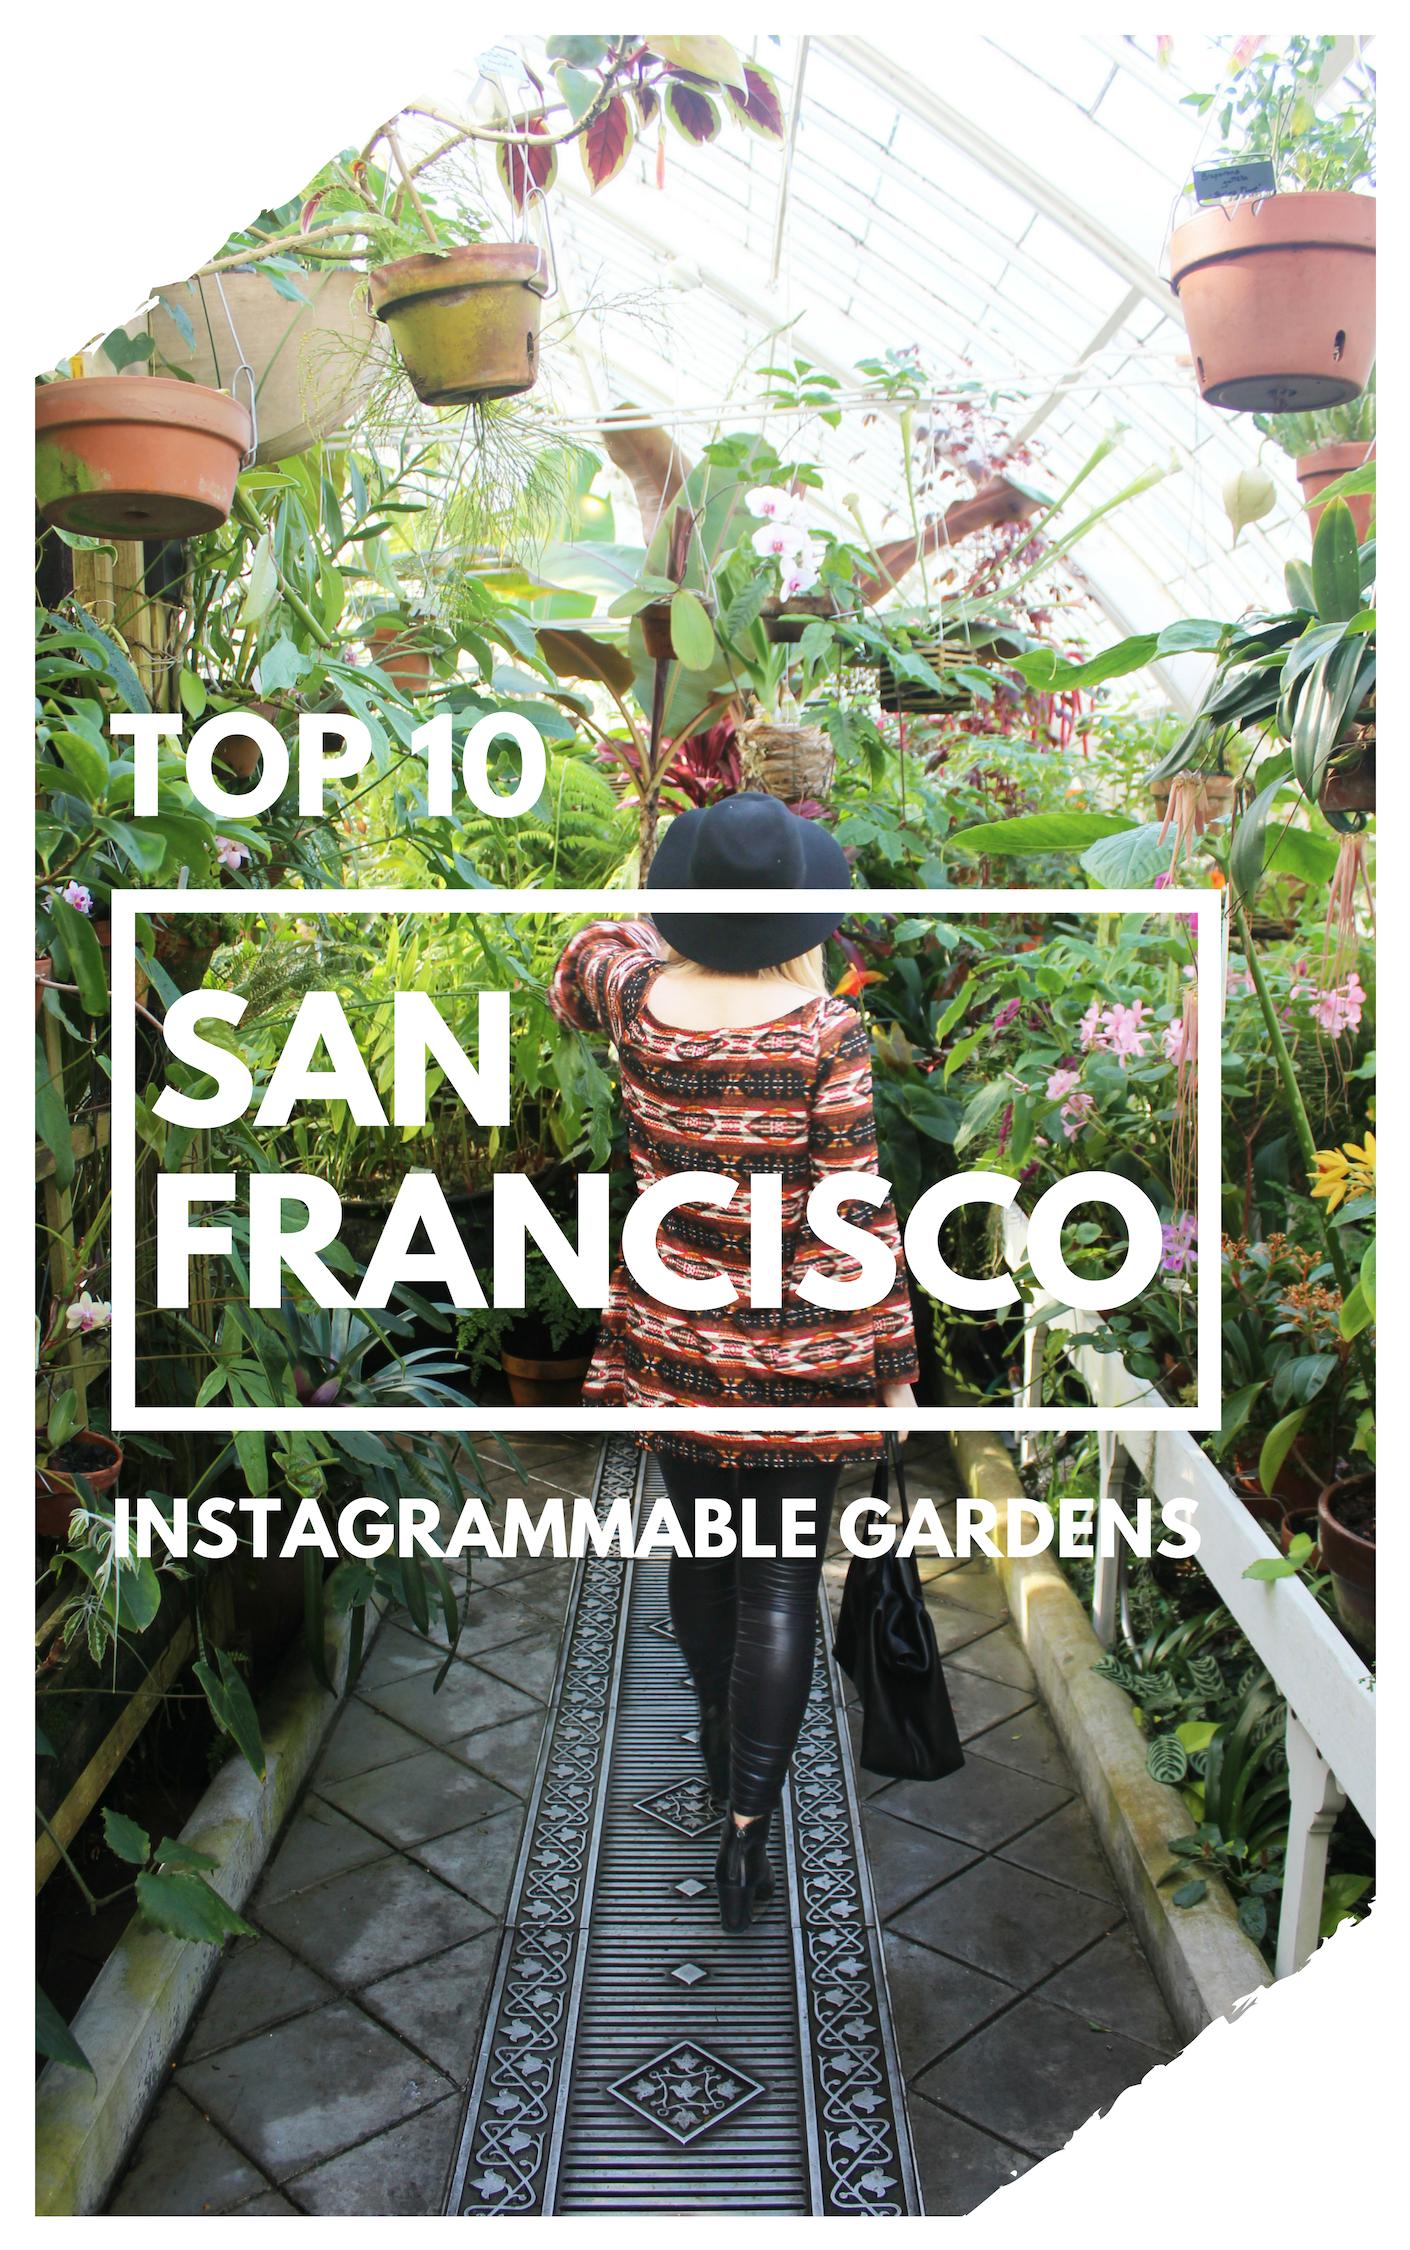 Gennifer Rose_San Francisco Instagram Gardens.png